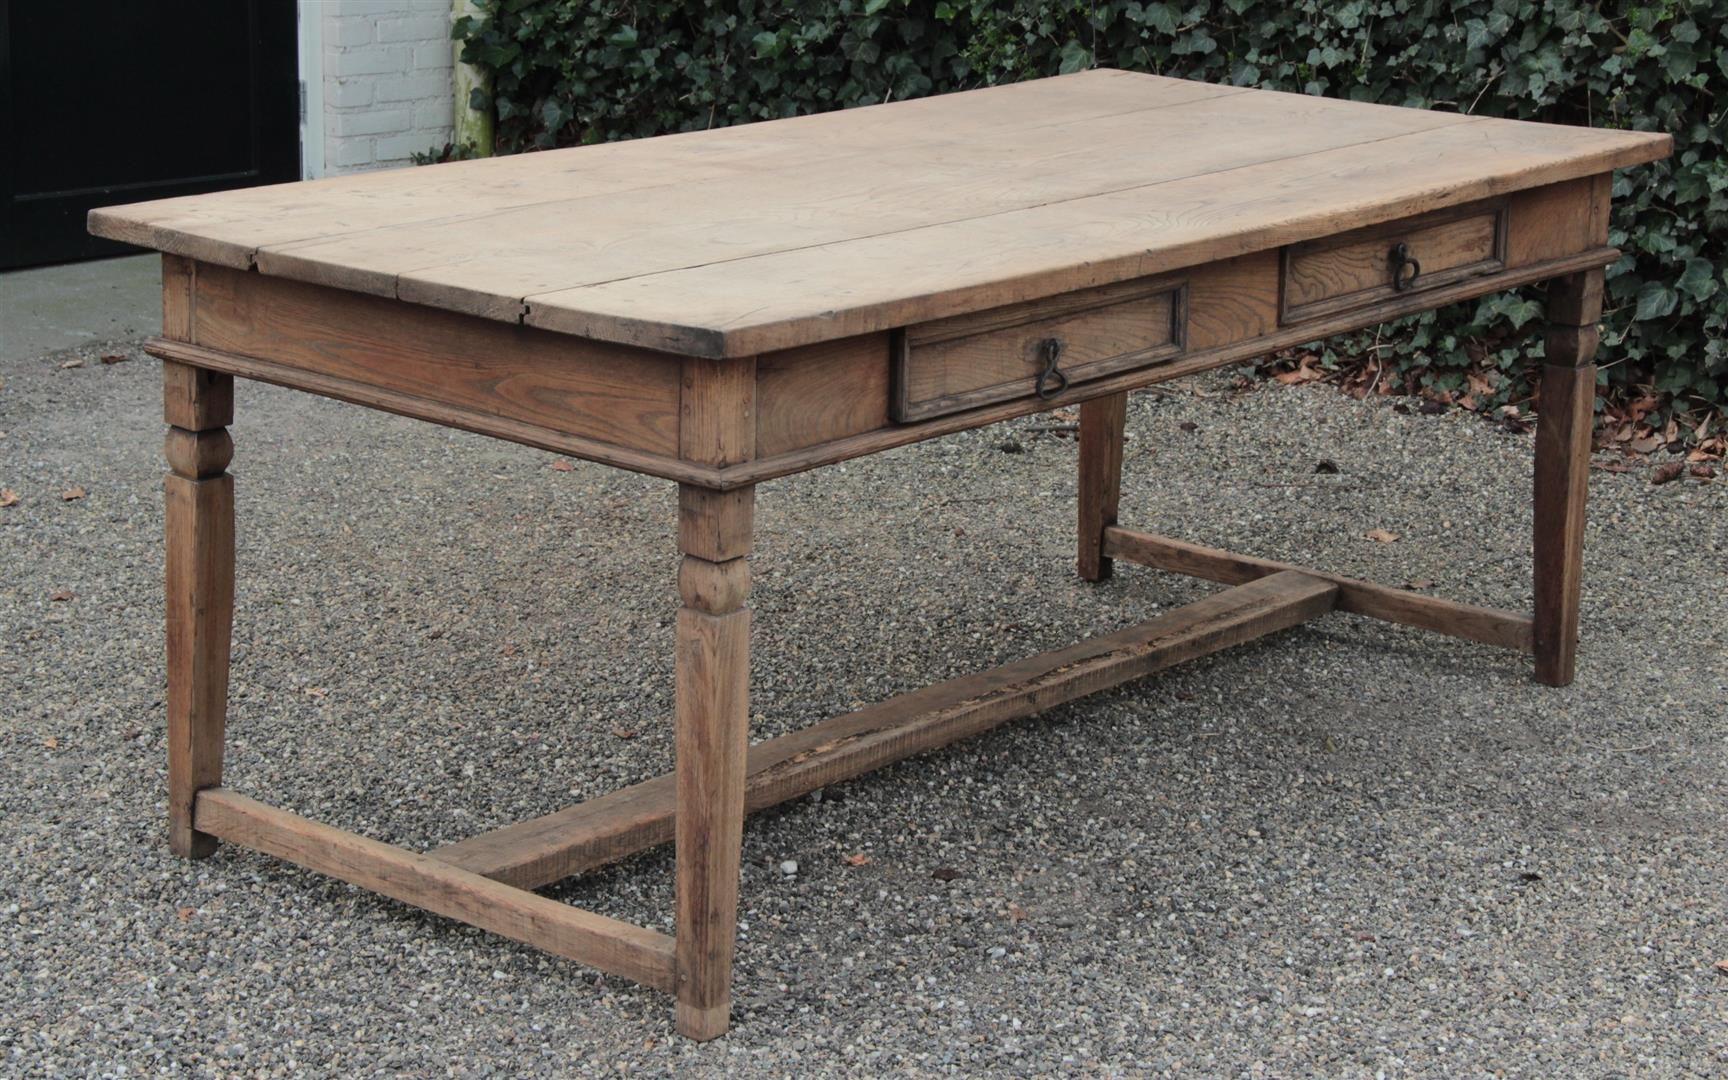 Antike Spanischen Esstisch Esstisch Holztisch Esszimmer Holztisch Antik